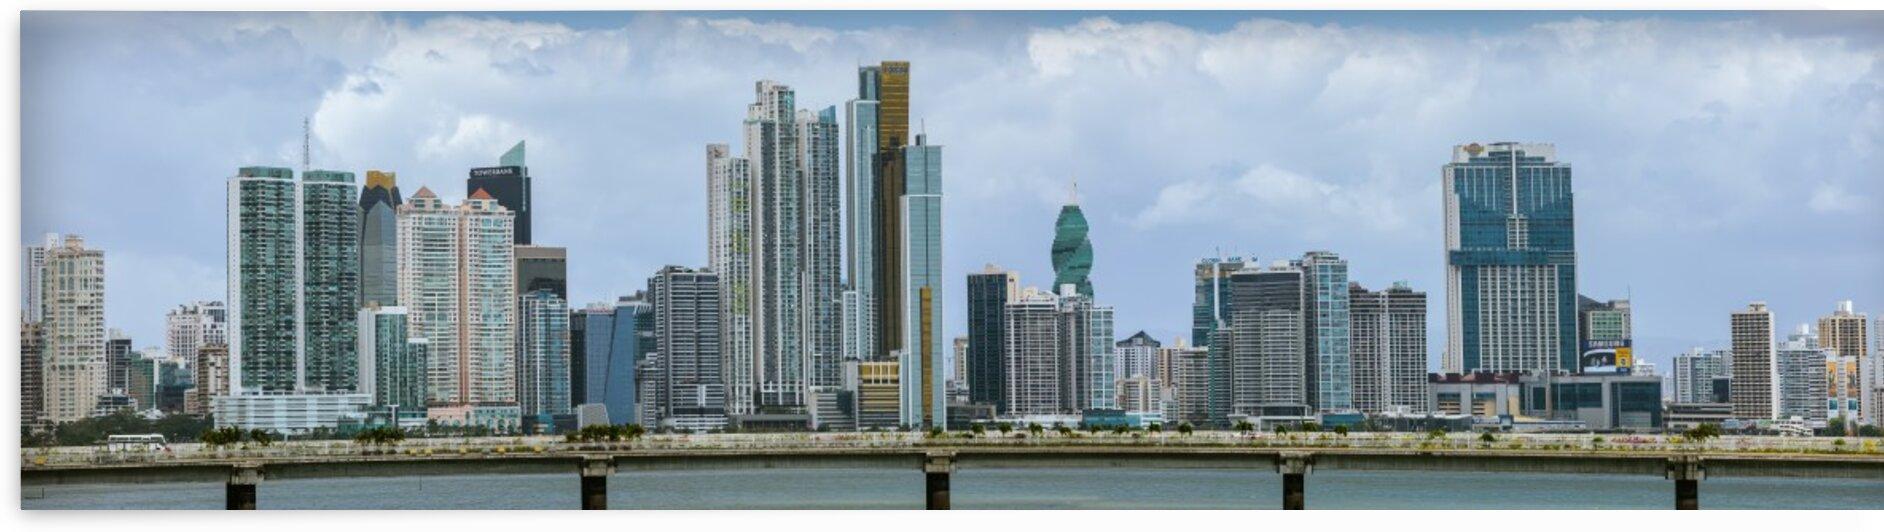 Panama City Panorama by Nicholas